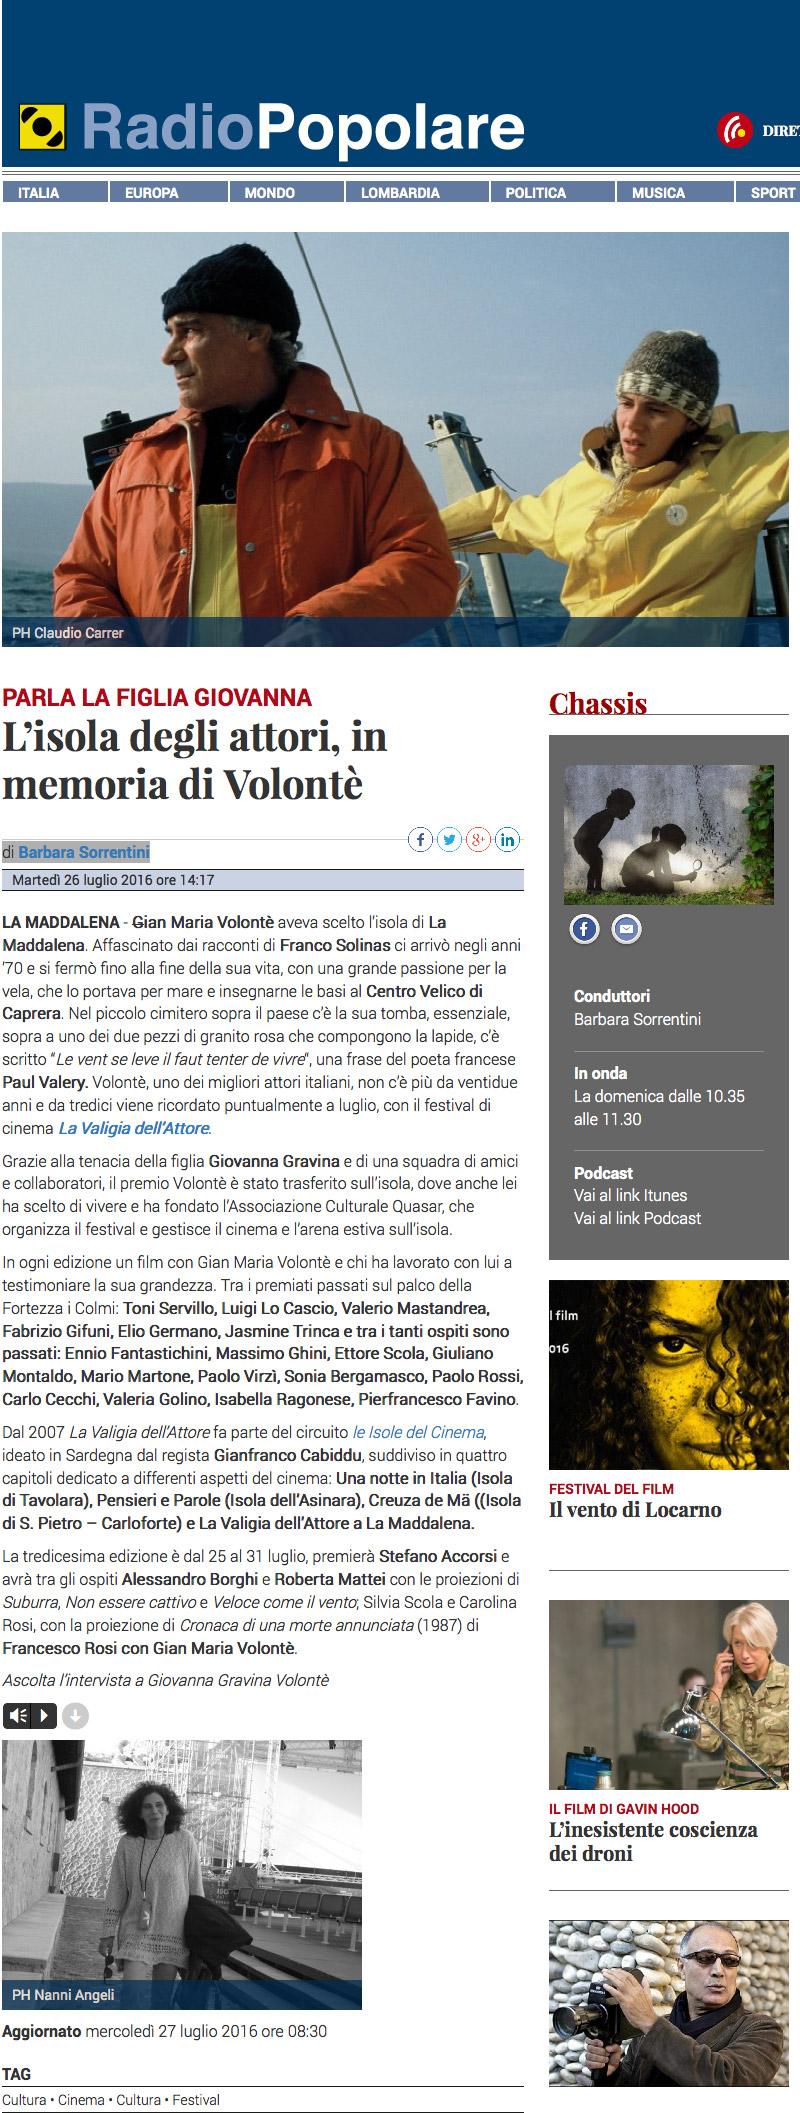 radio popolare intervista a Giovanna Gravina Volonté del 26 luglio 2016 - Vai al sito di Radio Popolare